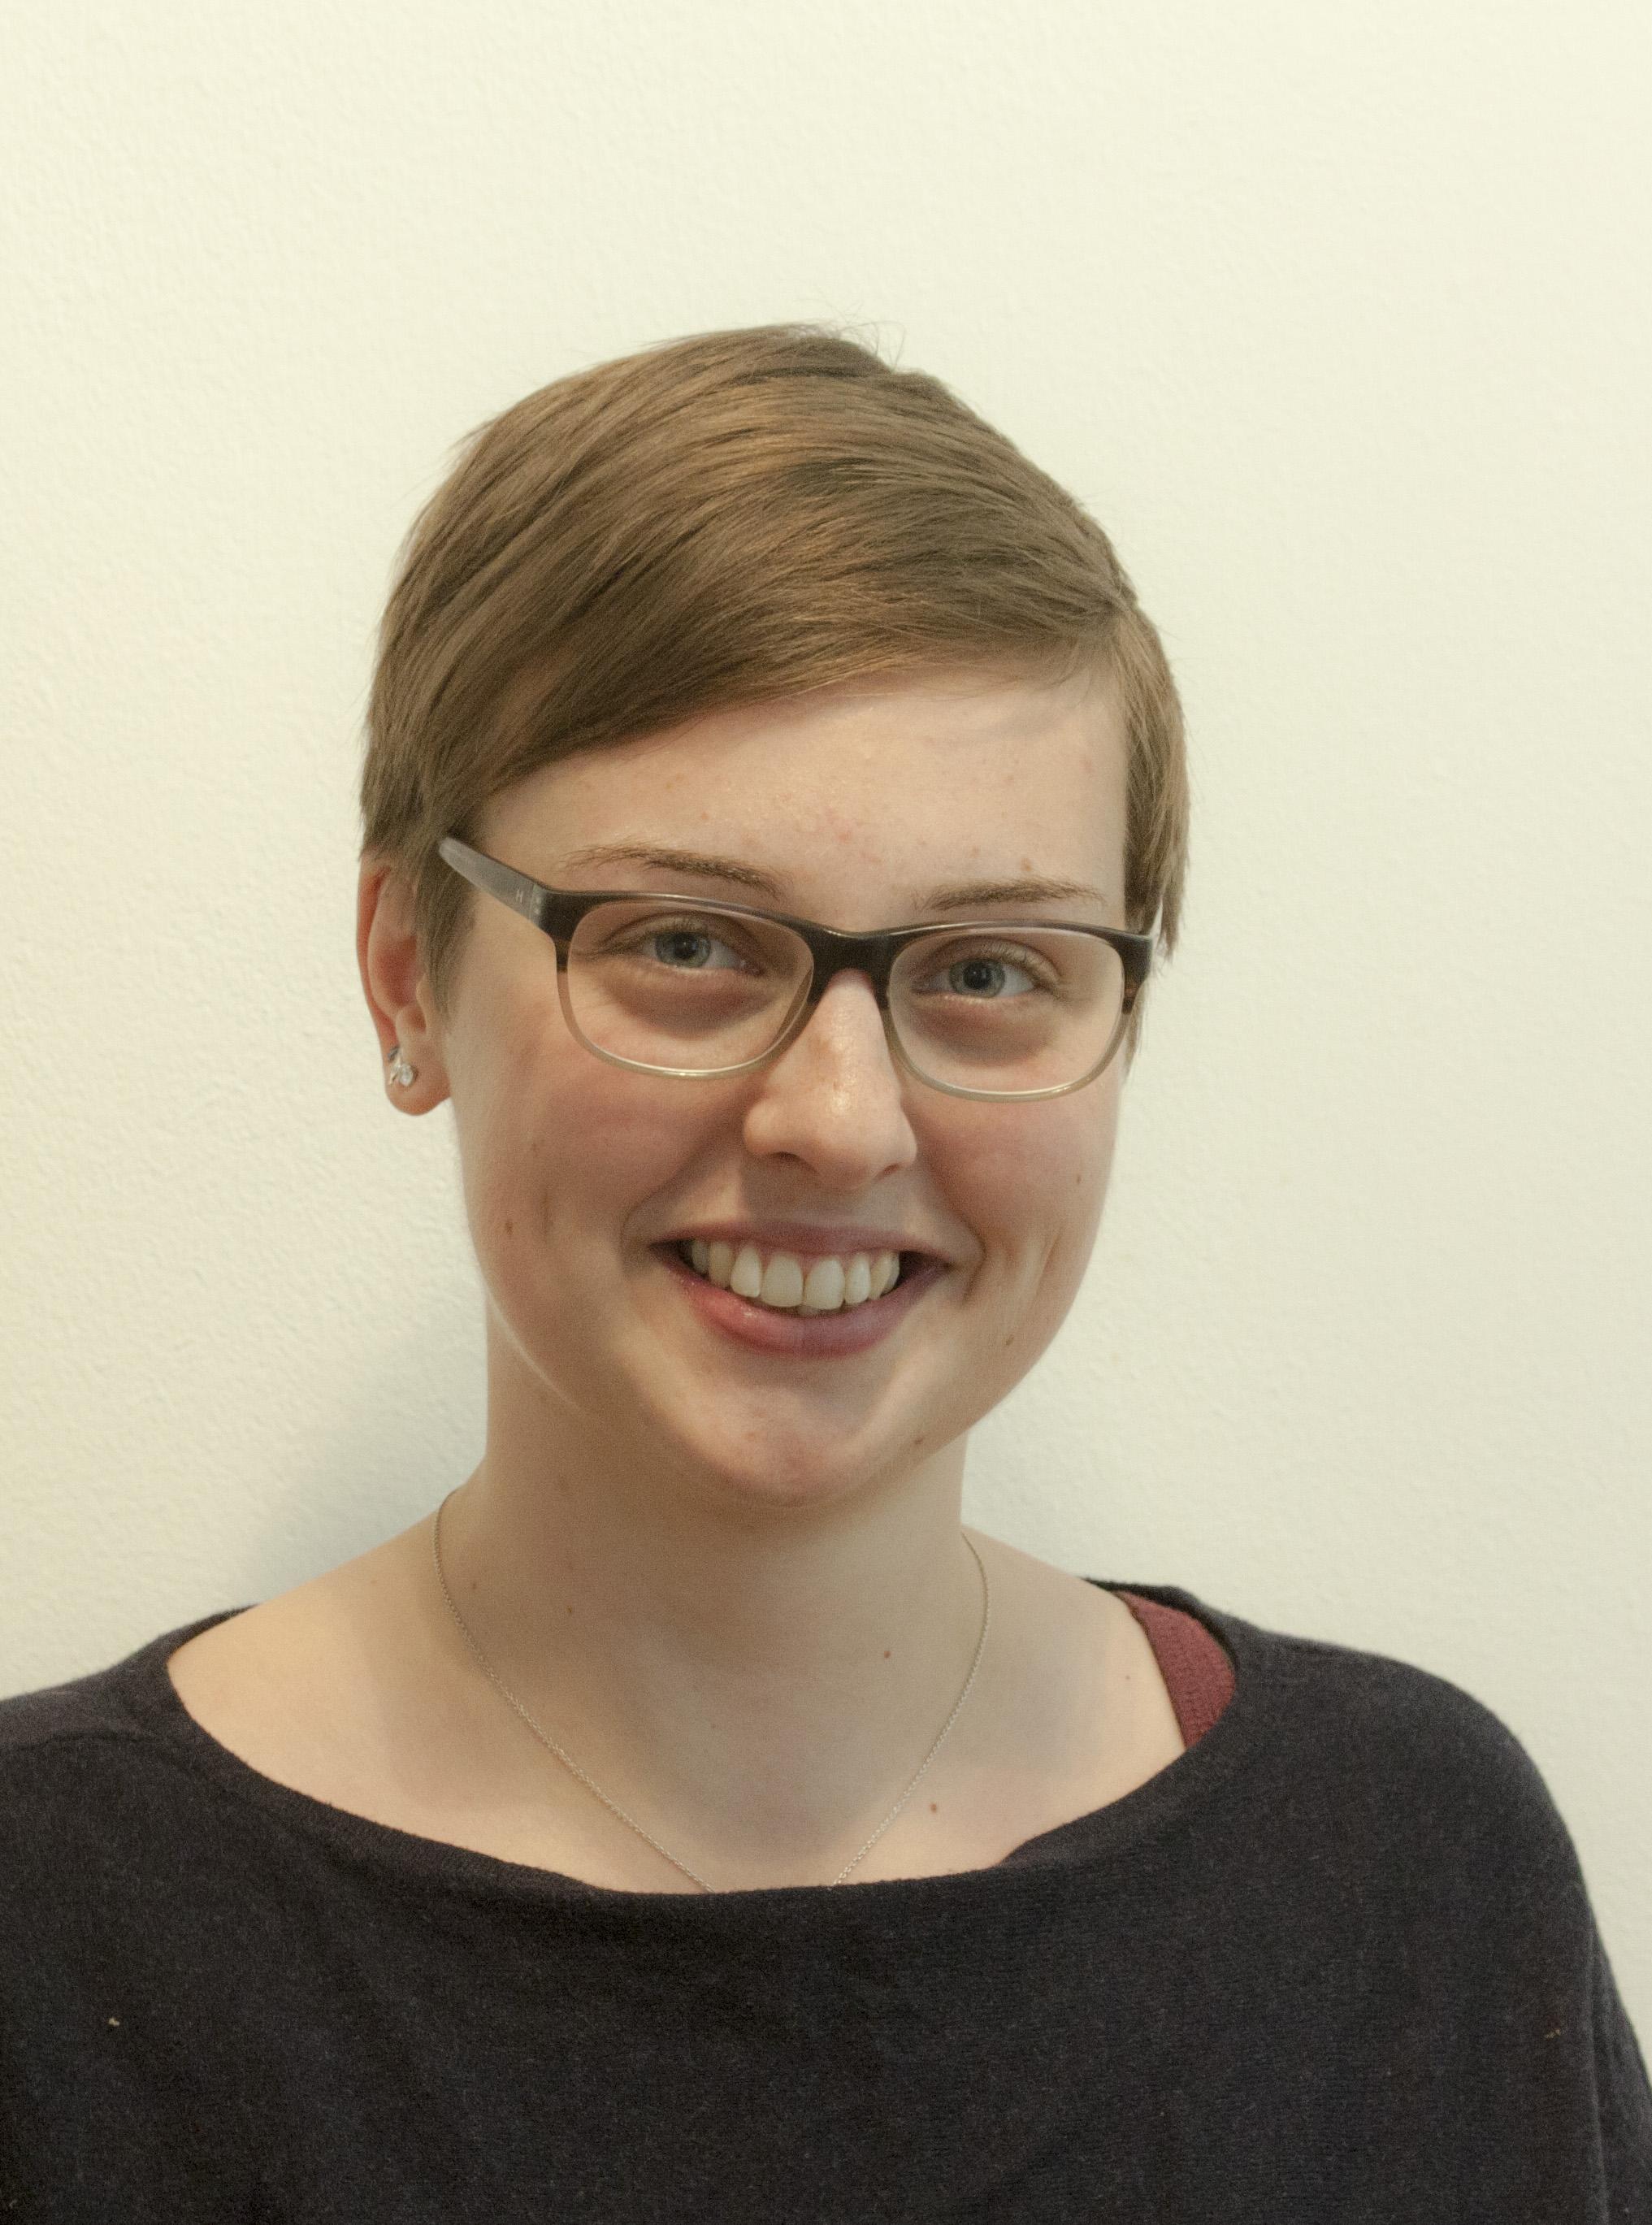 Lena Schoissengeyer